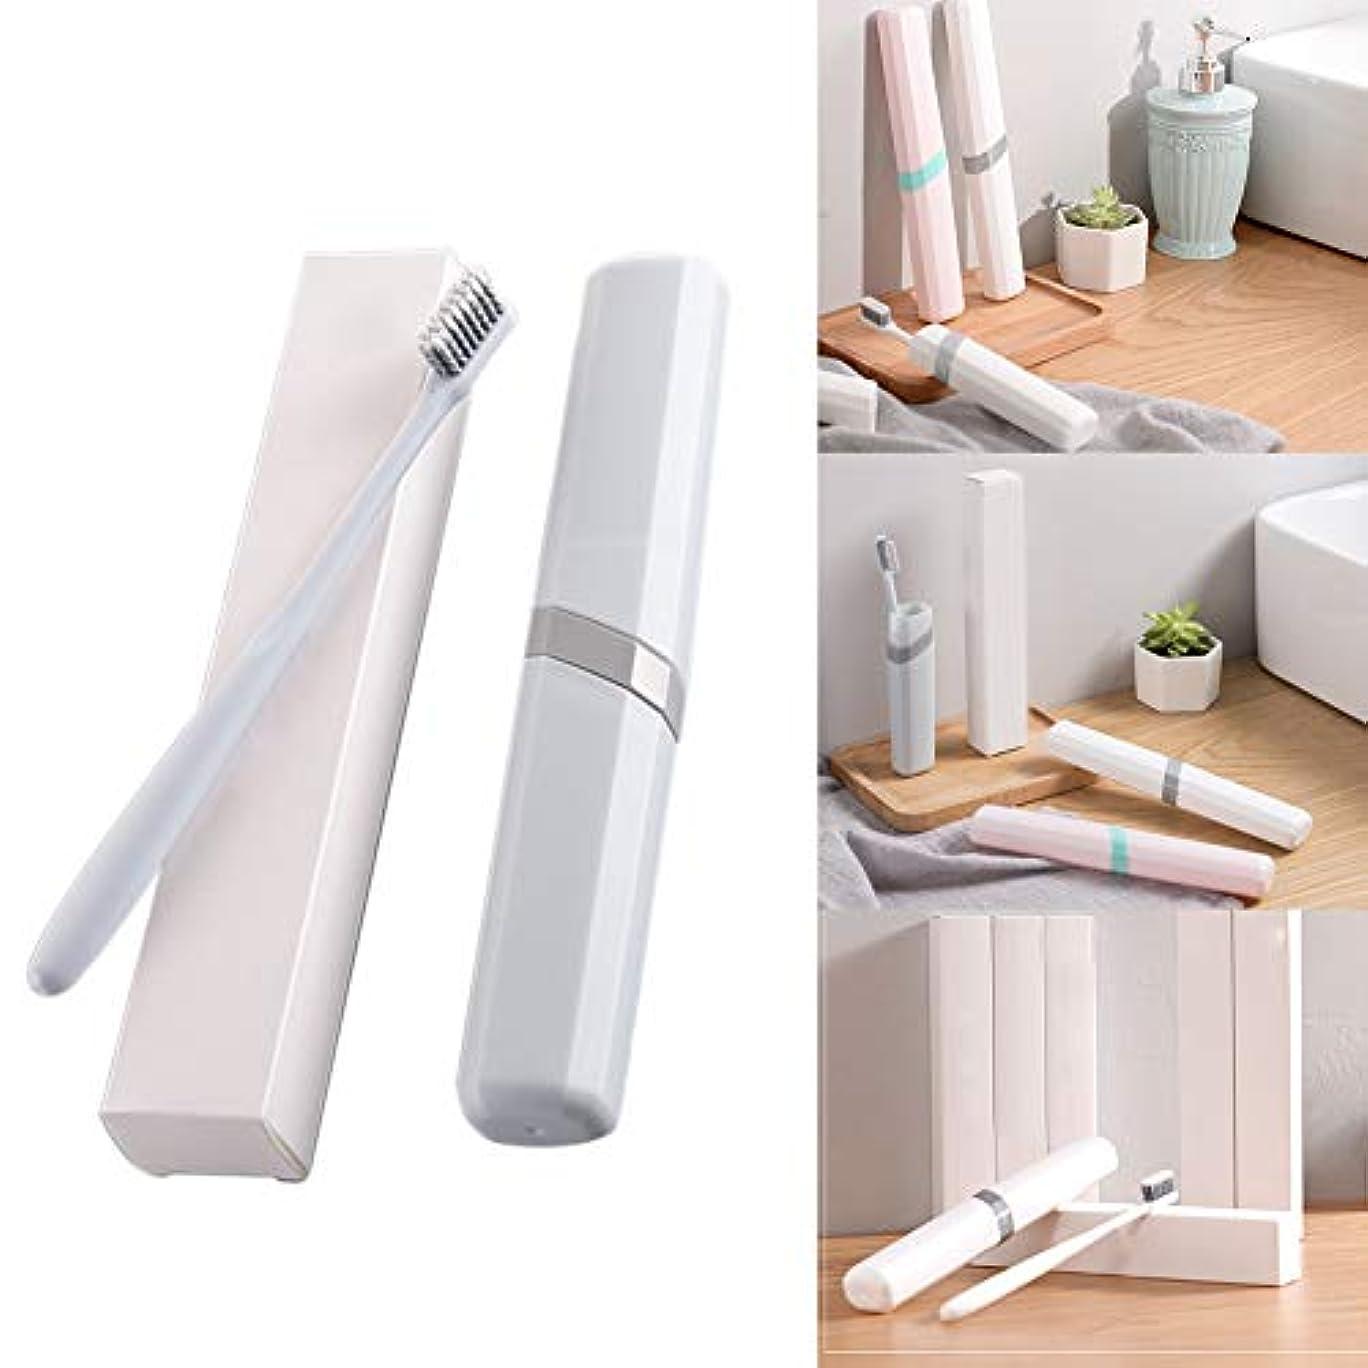 観客防腐剤一致する歯ブラシケース付きトラベルカバー、歯ブラシ1個、プラスチックホルダー、清潔なブラシを休日に保管(白、ピンク、青)